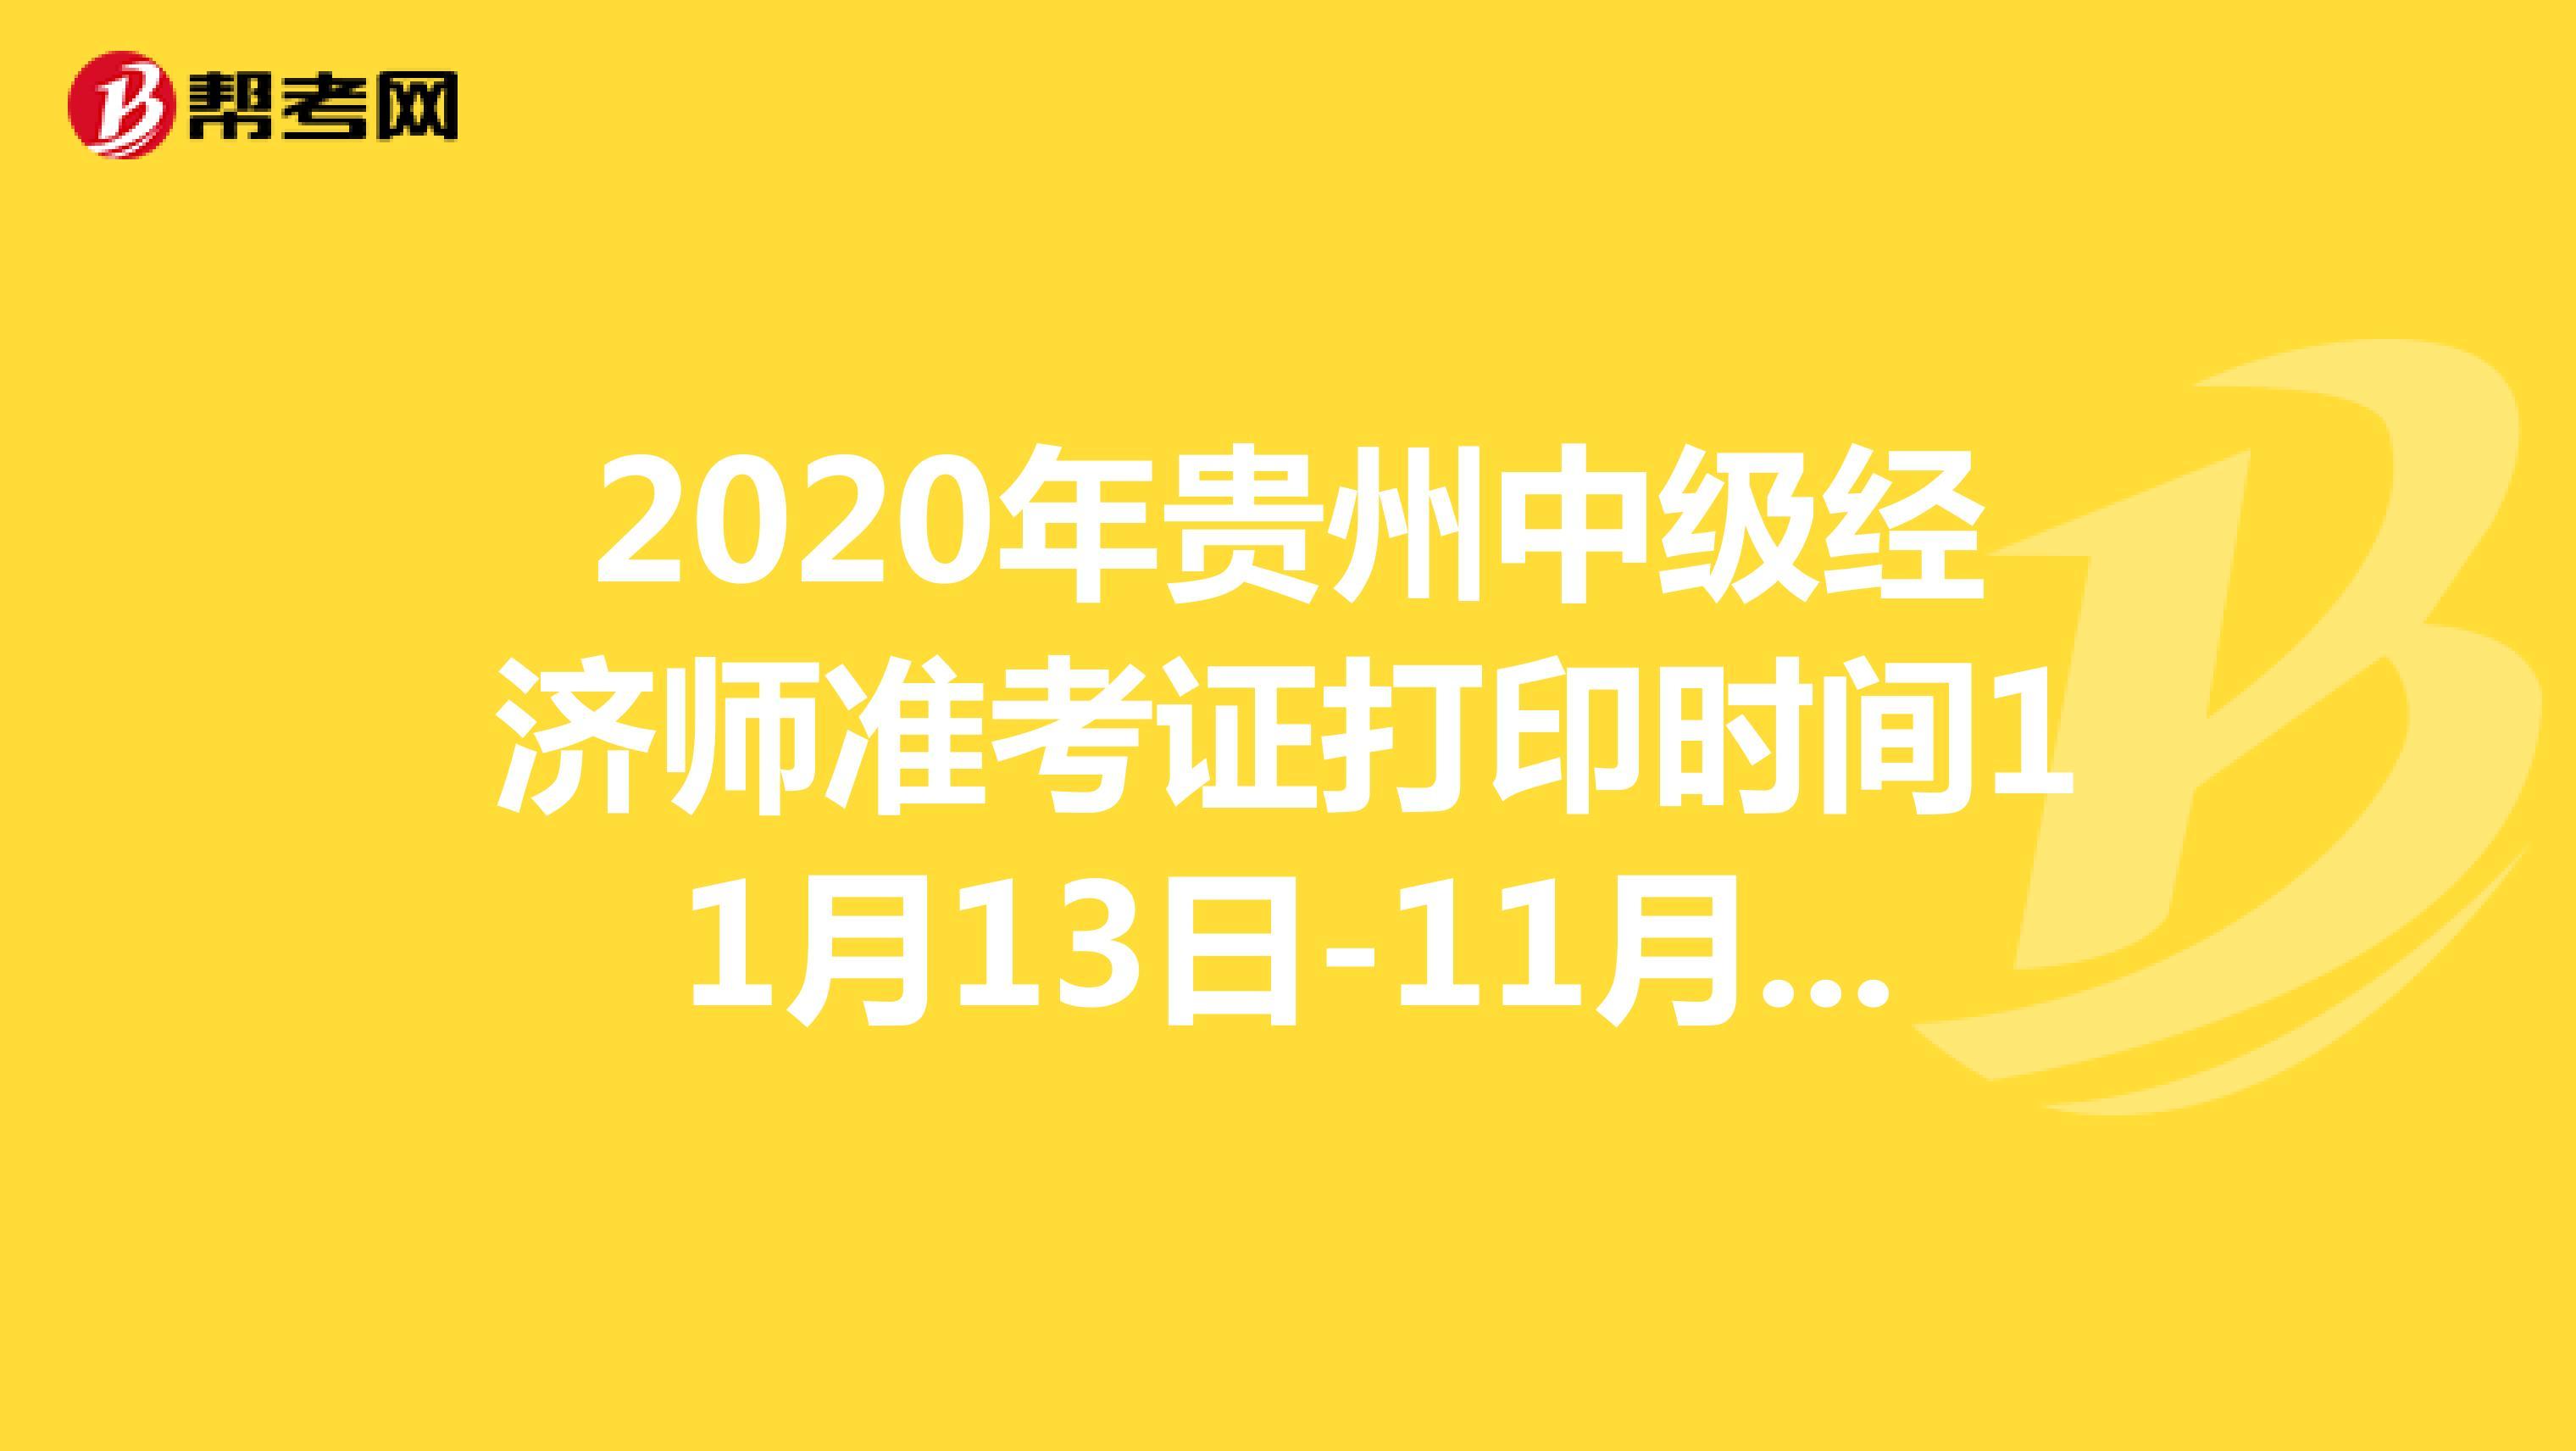 2020年貴州中級經濟師準考證打印時間11月13日-11月20日